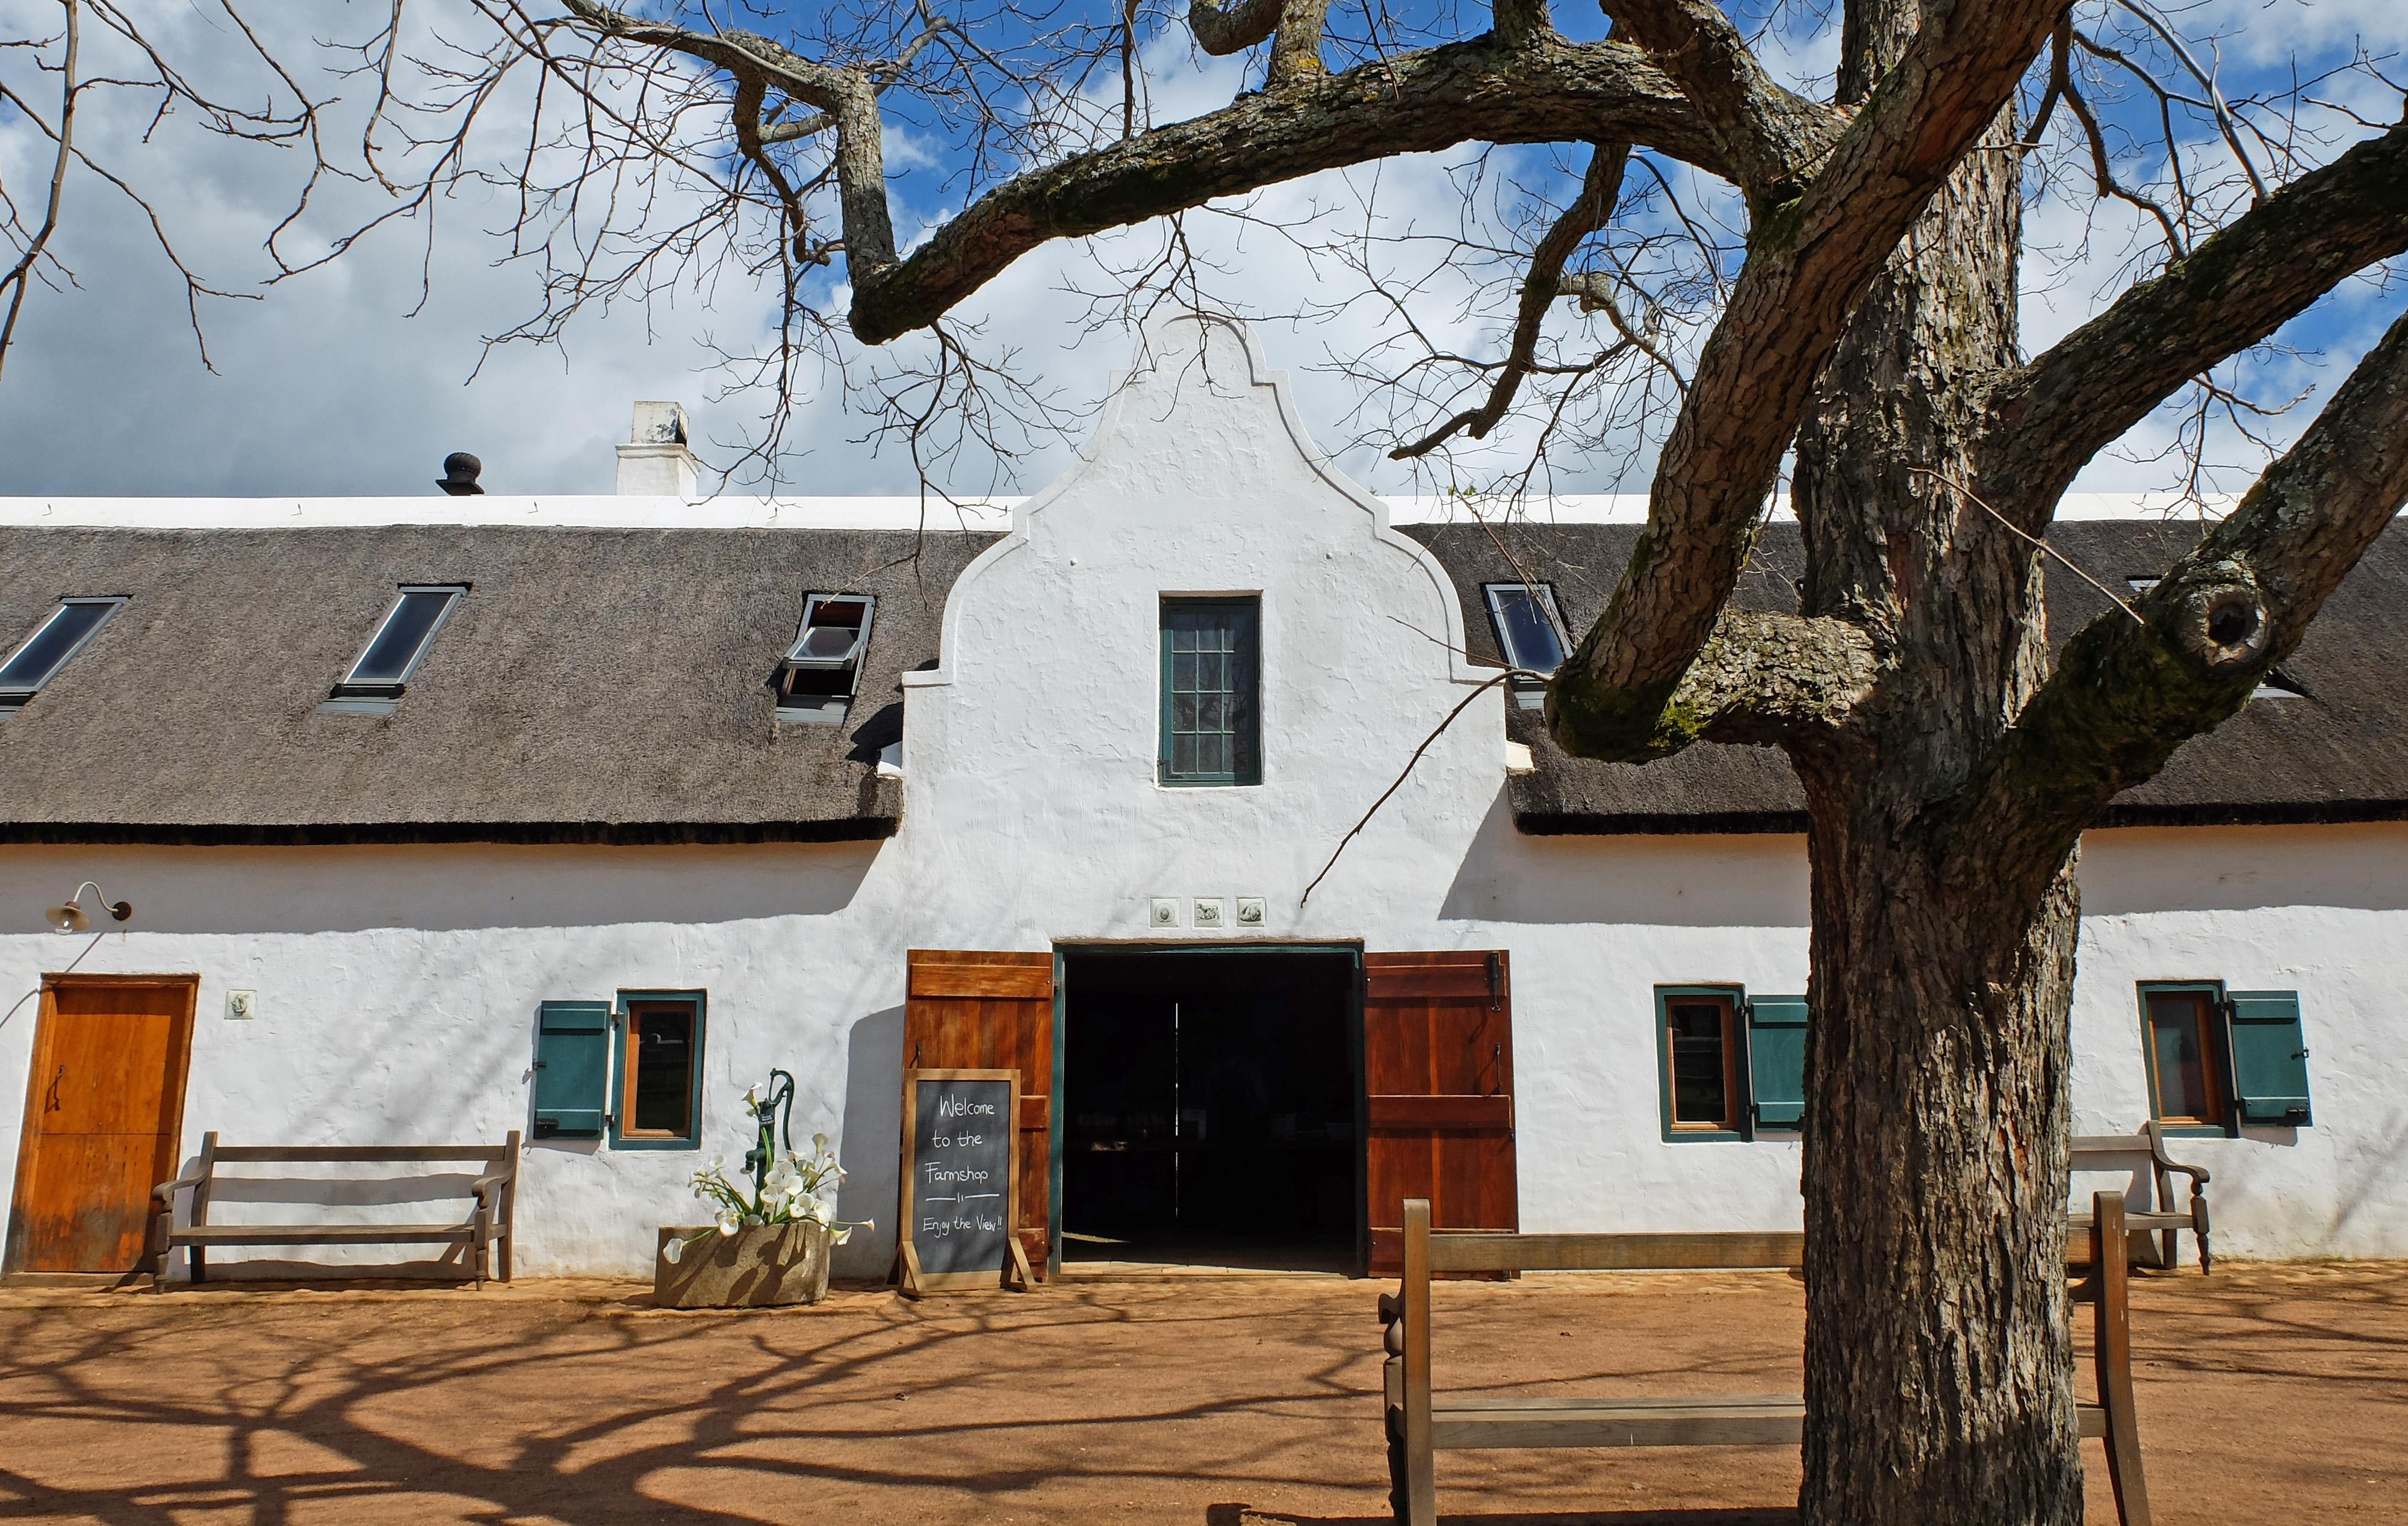 babylonstoren wine farm